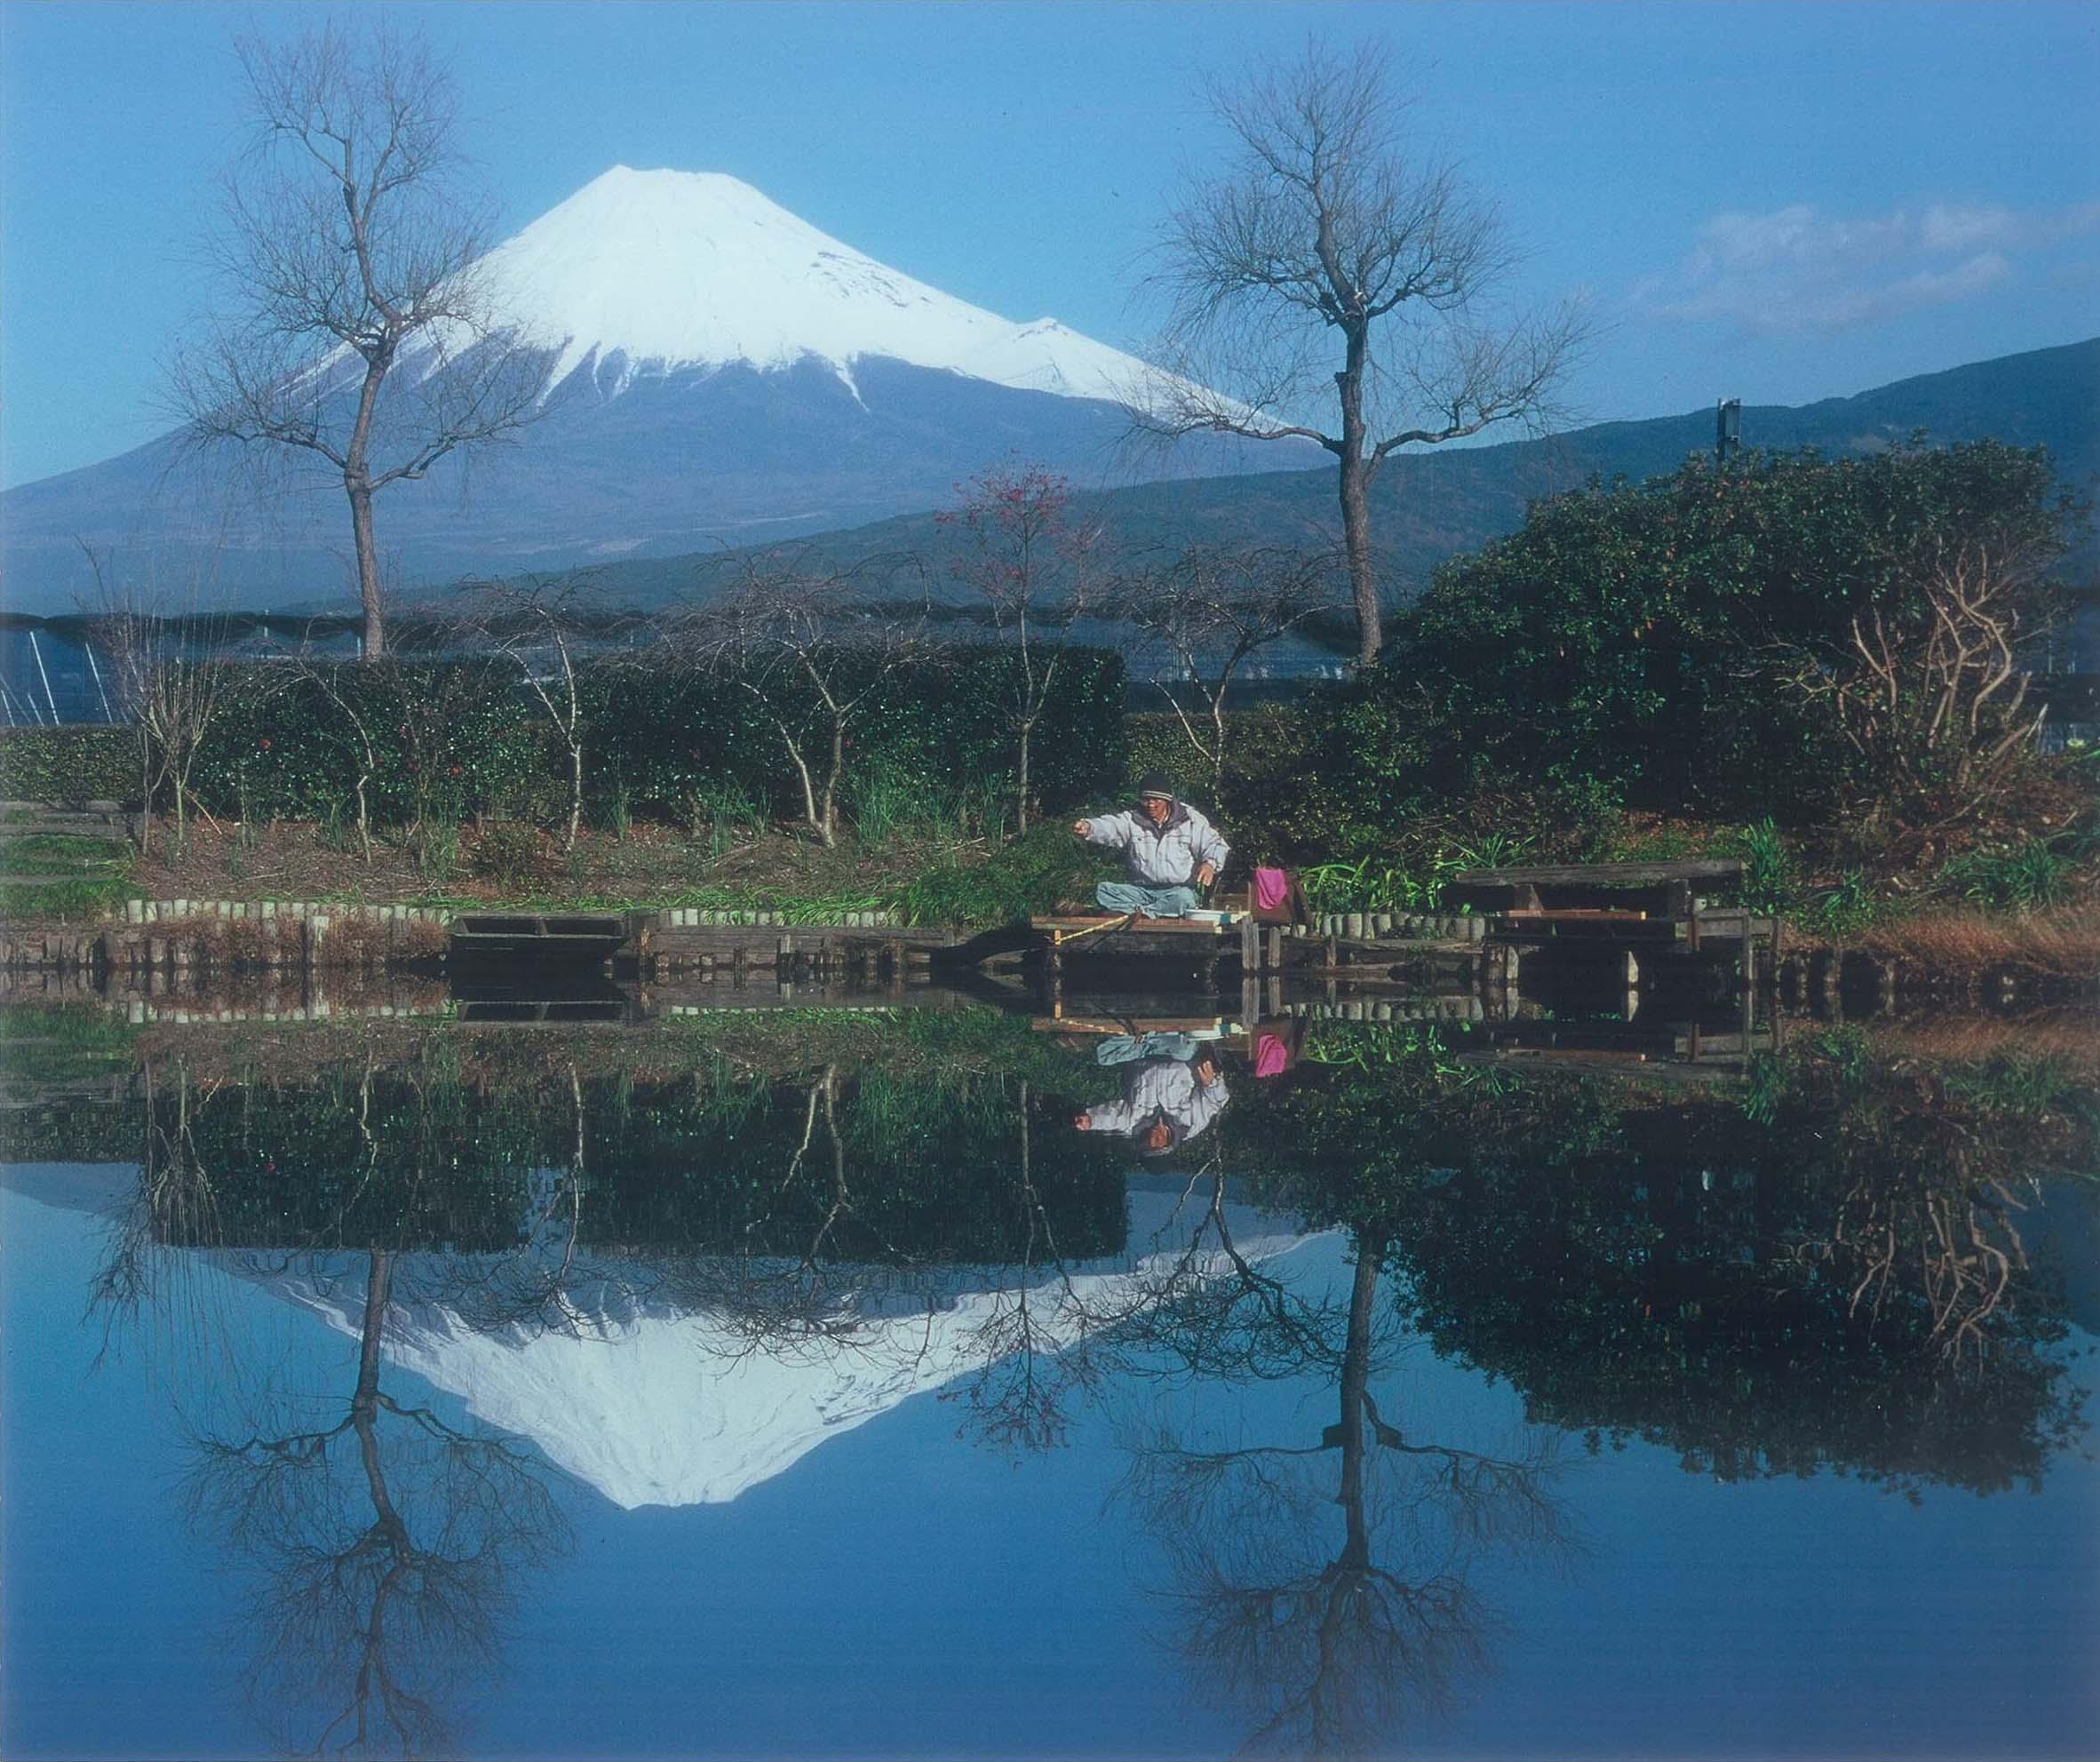 第03回富士山百景写真コンテスト エリア賞 「一人静かに」